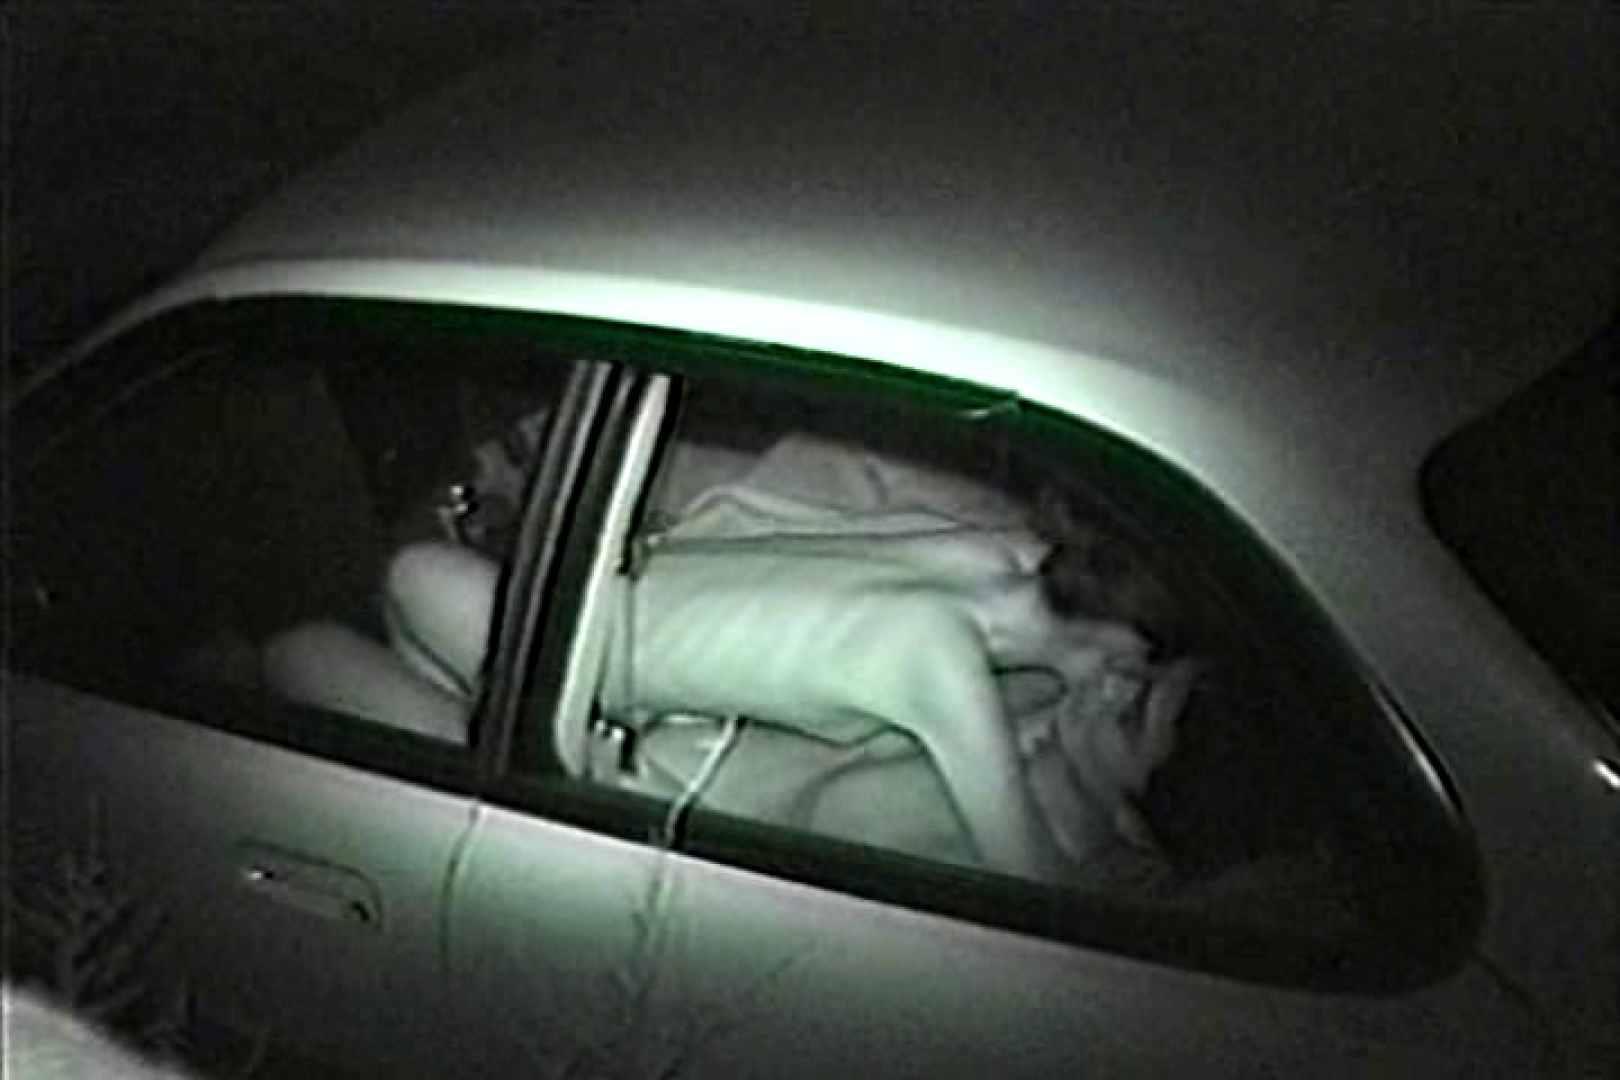 車の中はラブホテル 無修正版  Vol.7 接写 盗撮アダルト動画キャプチャ 96連発 2